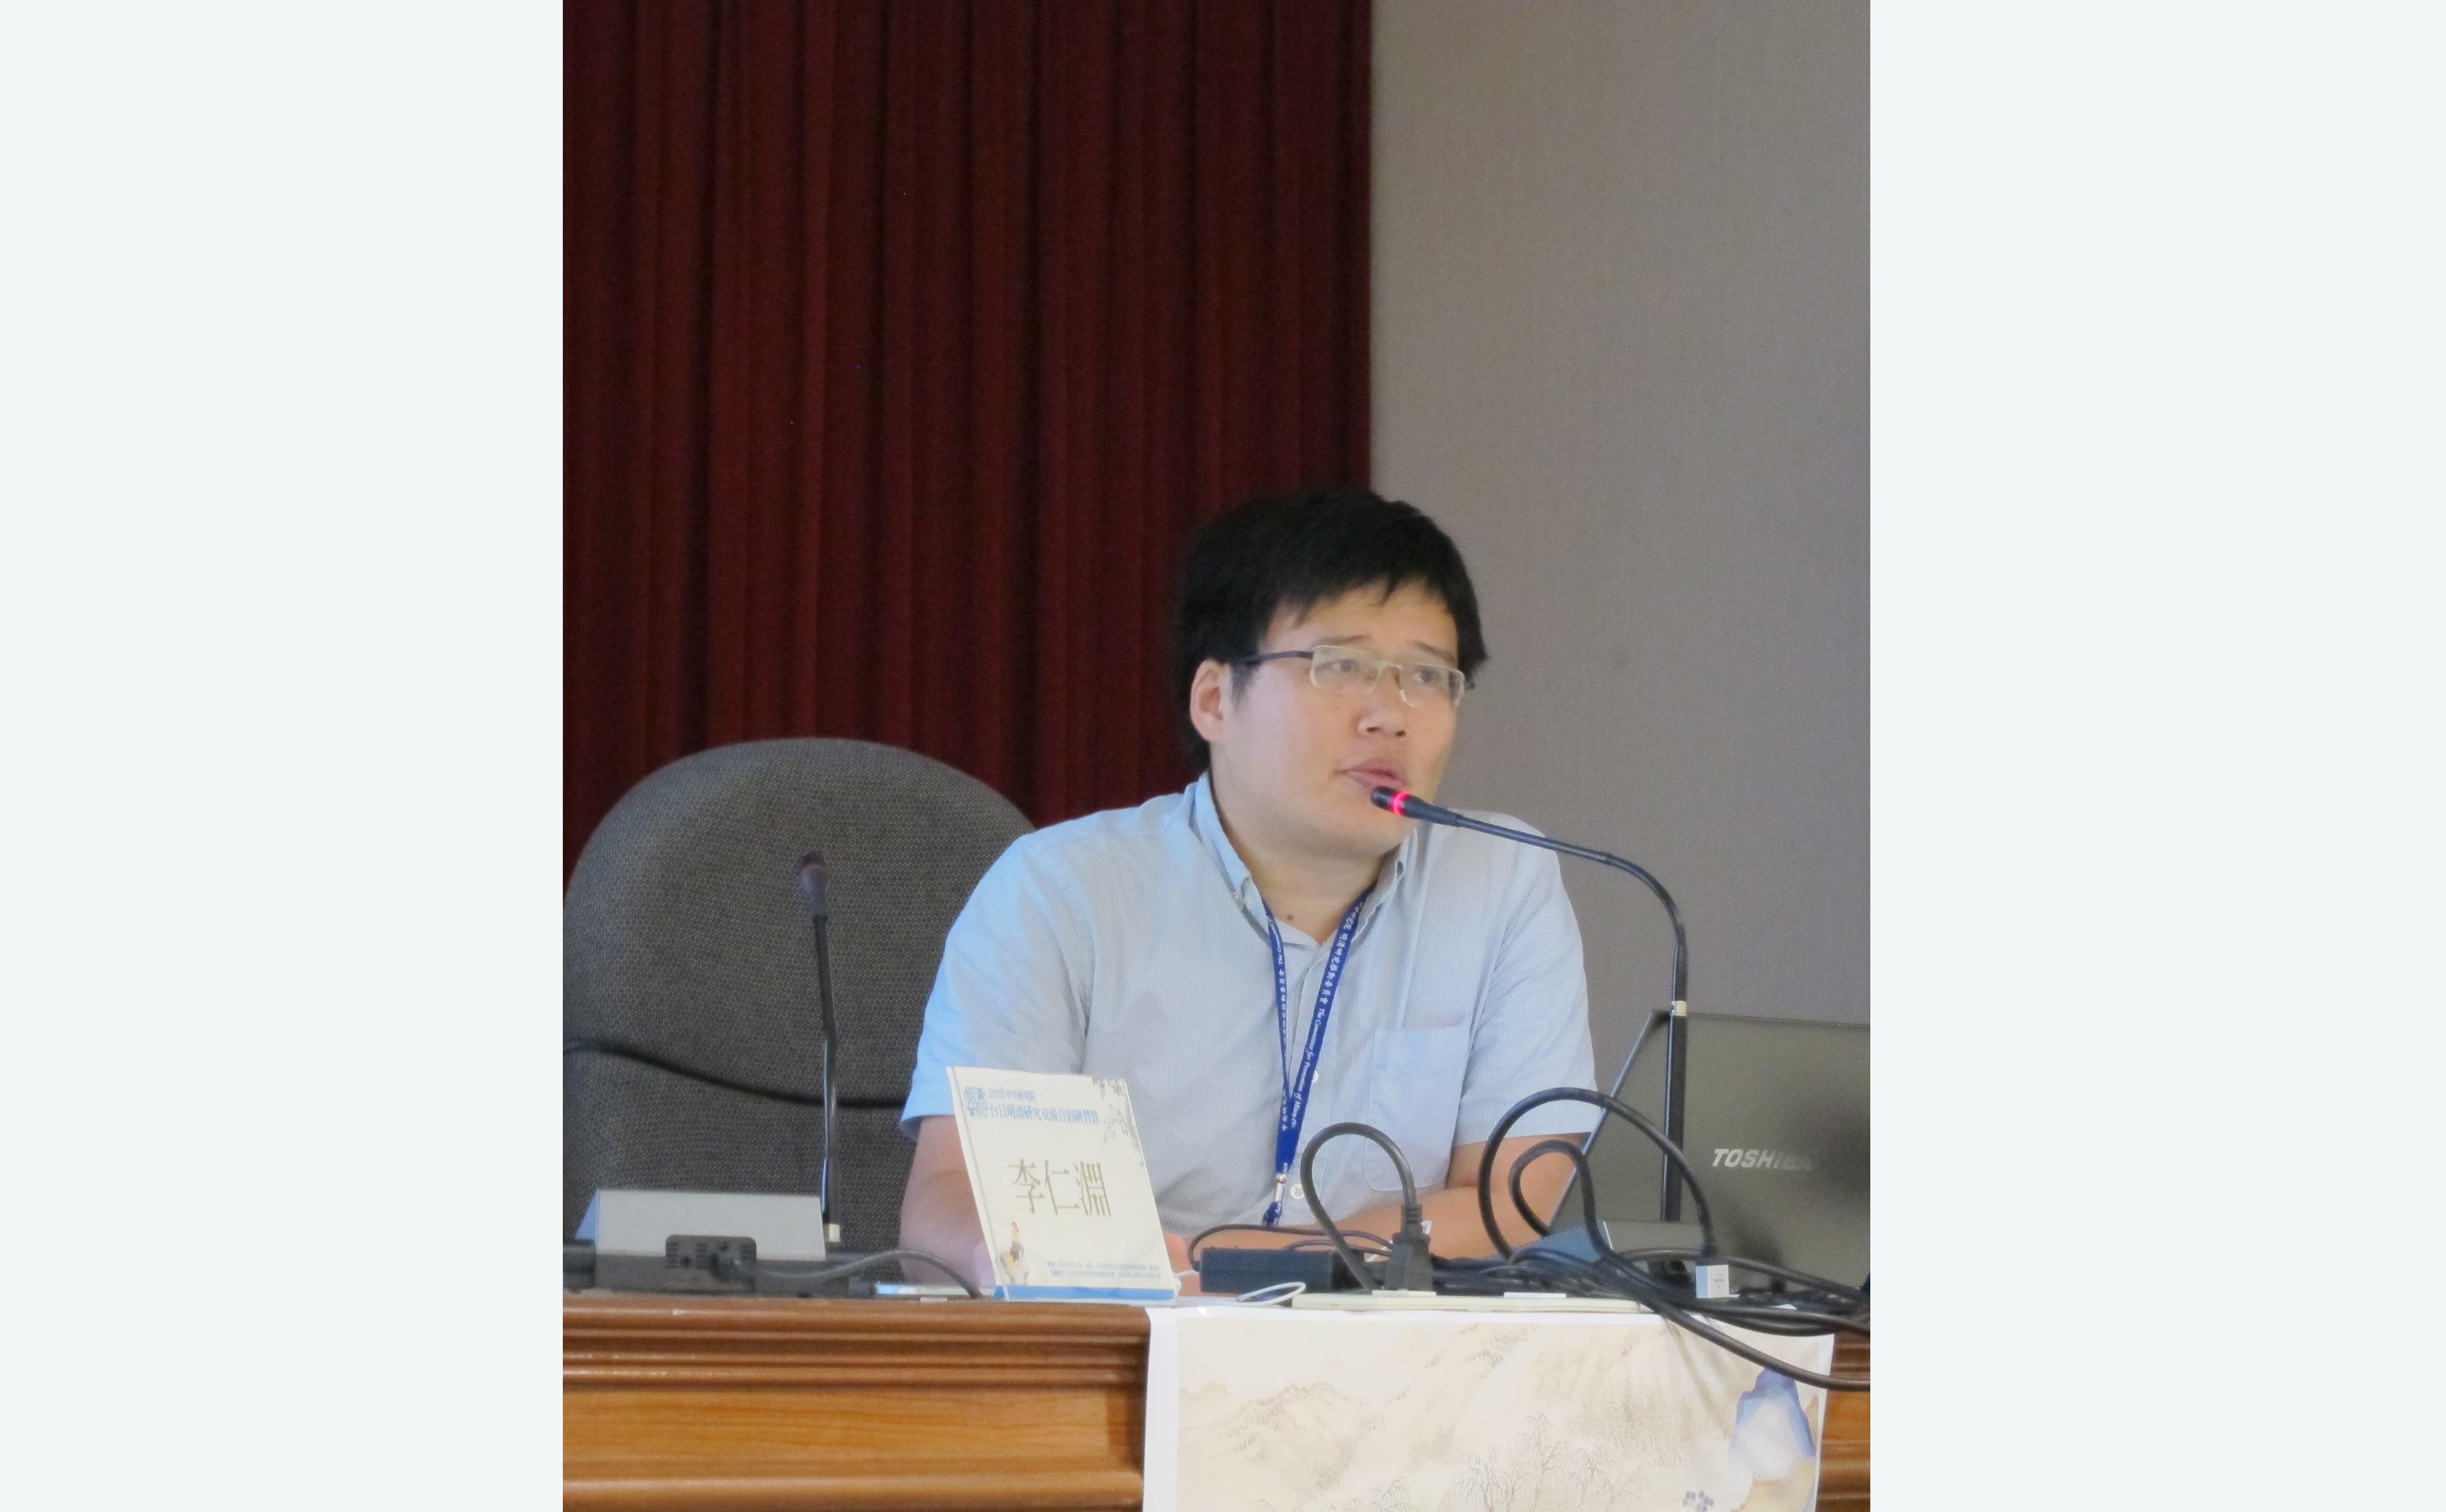 李仁淵教授演講「十九世紀以來中國書籍出版與文本流通:一個閩東山村的例子」紀要